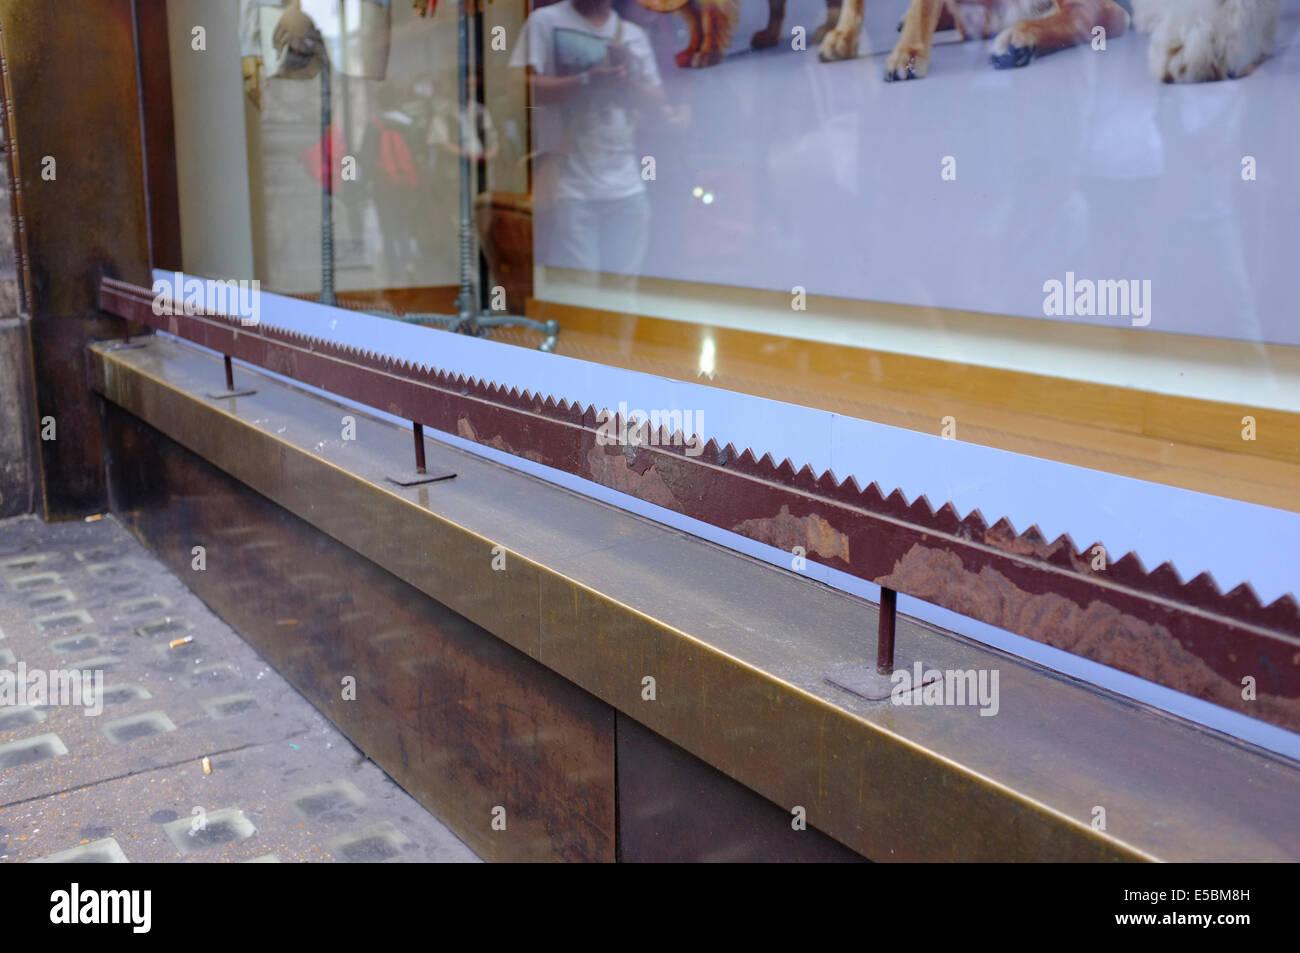 Barre de métal dentelé pour empêcher les gens de s'asseoir ou de dormir sur le rebord de la boutique Photo Stock